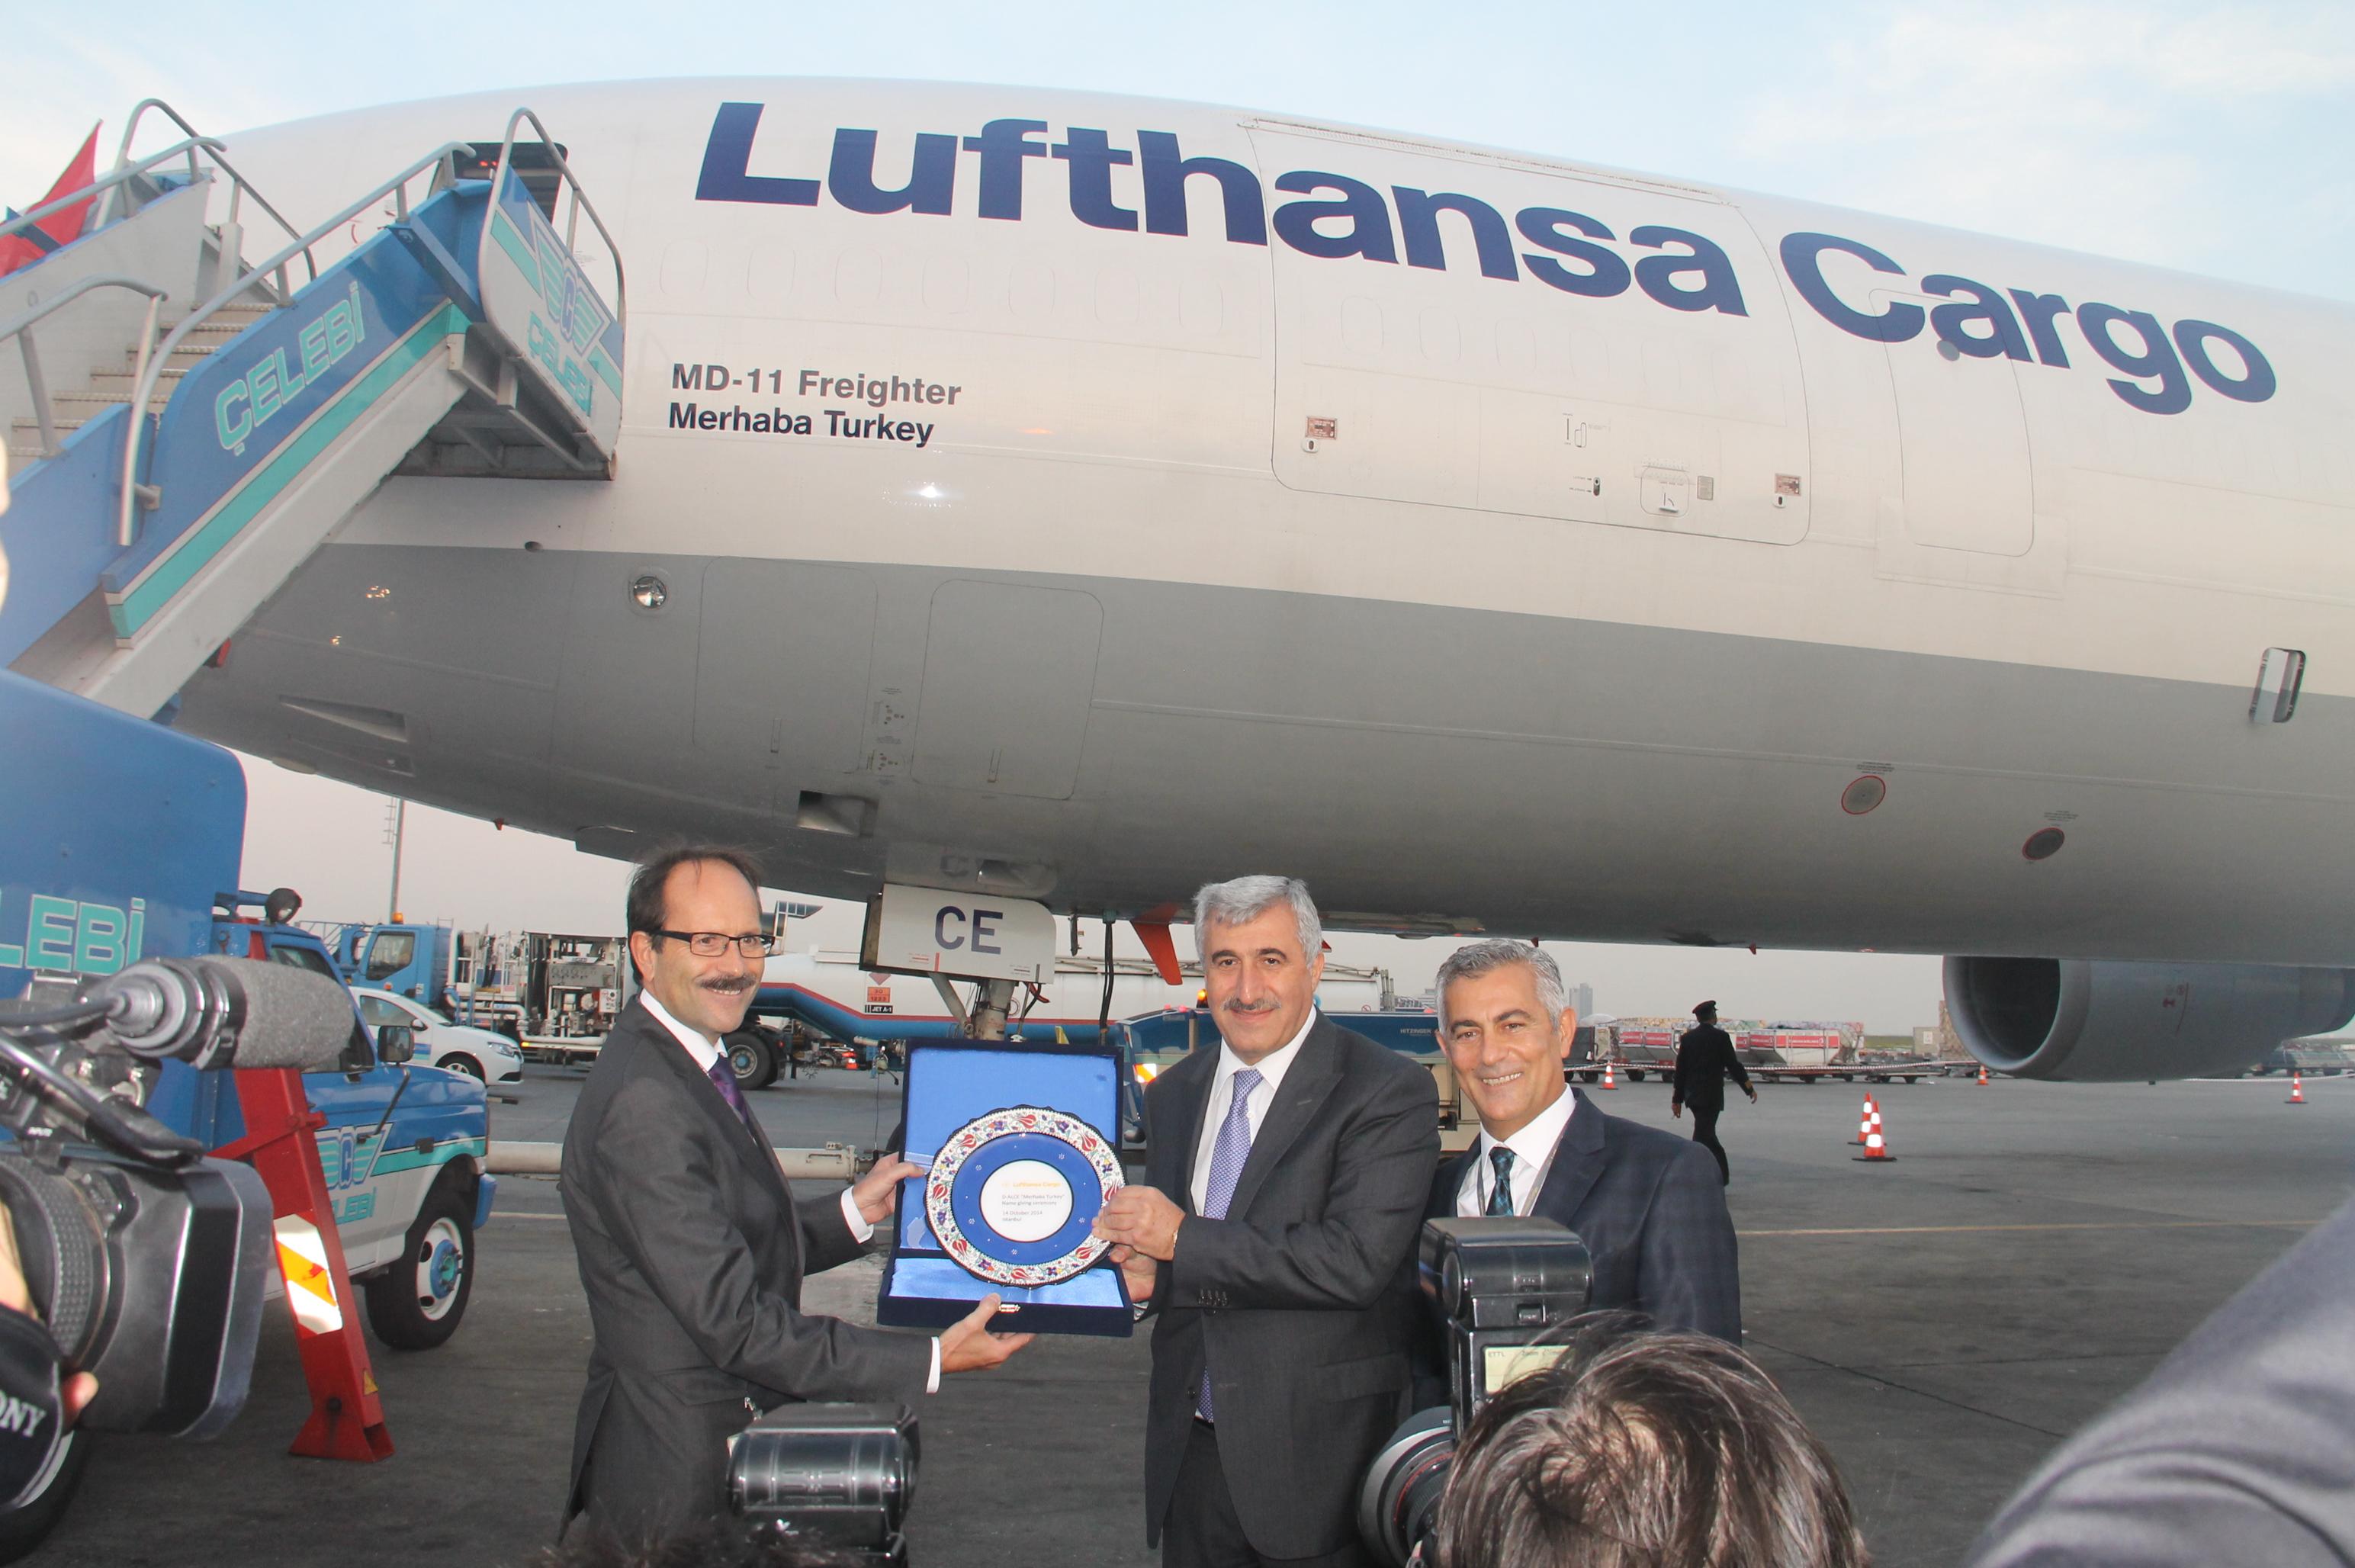 Lufthansa'nın yeni kargo uçağı Merhaba Turkey galerisi resim 7